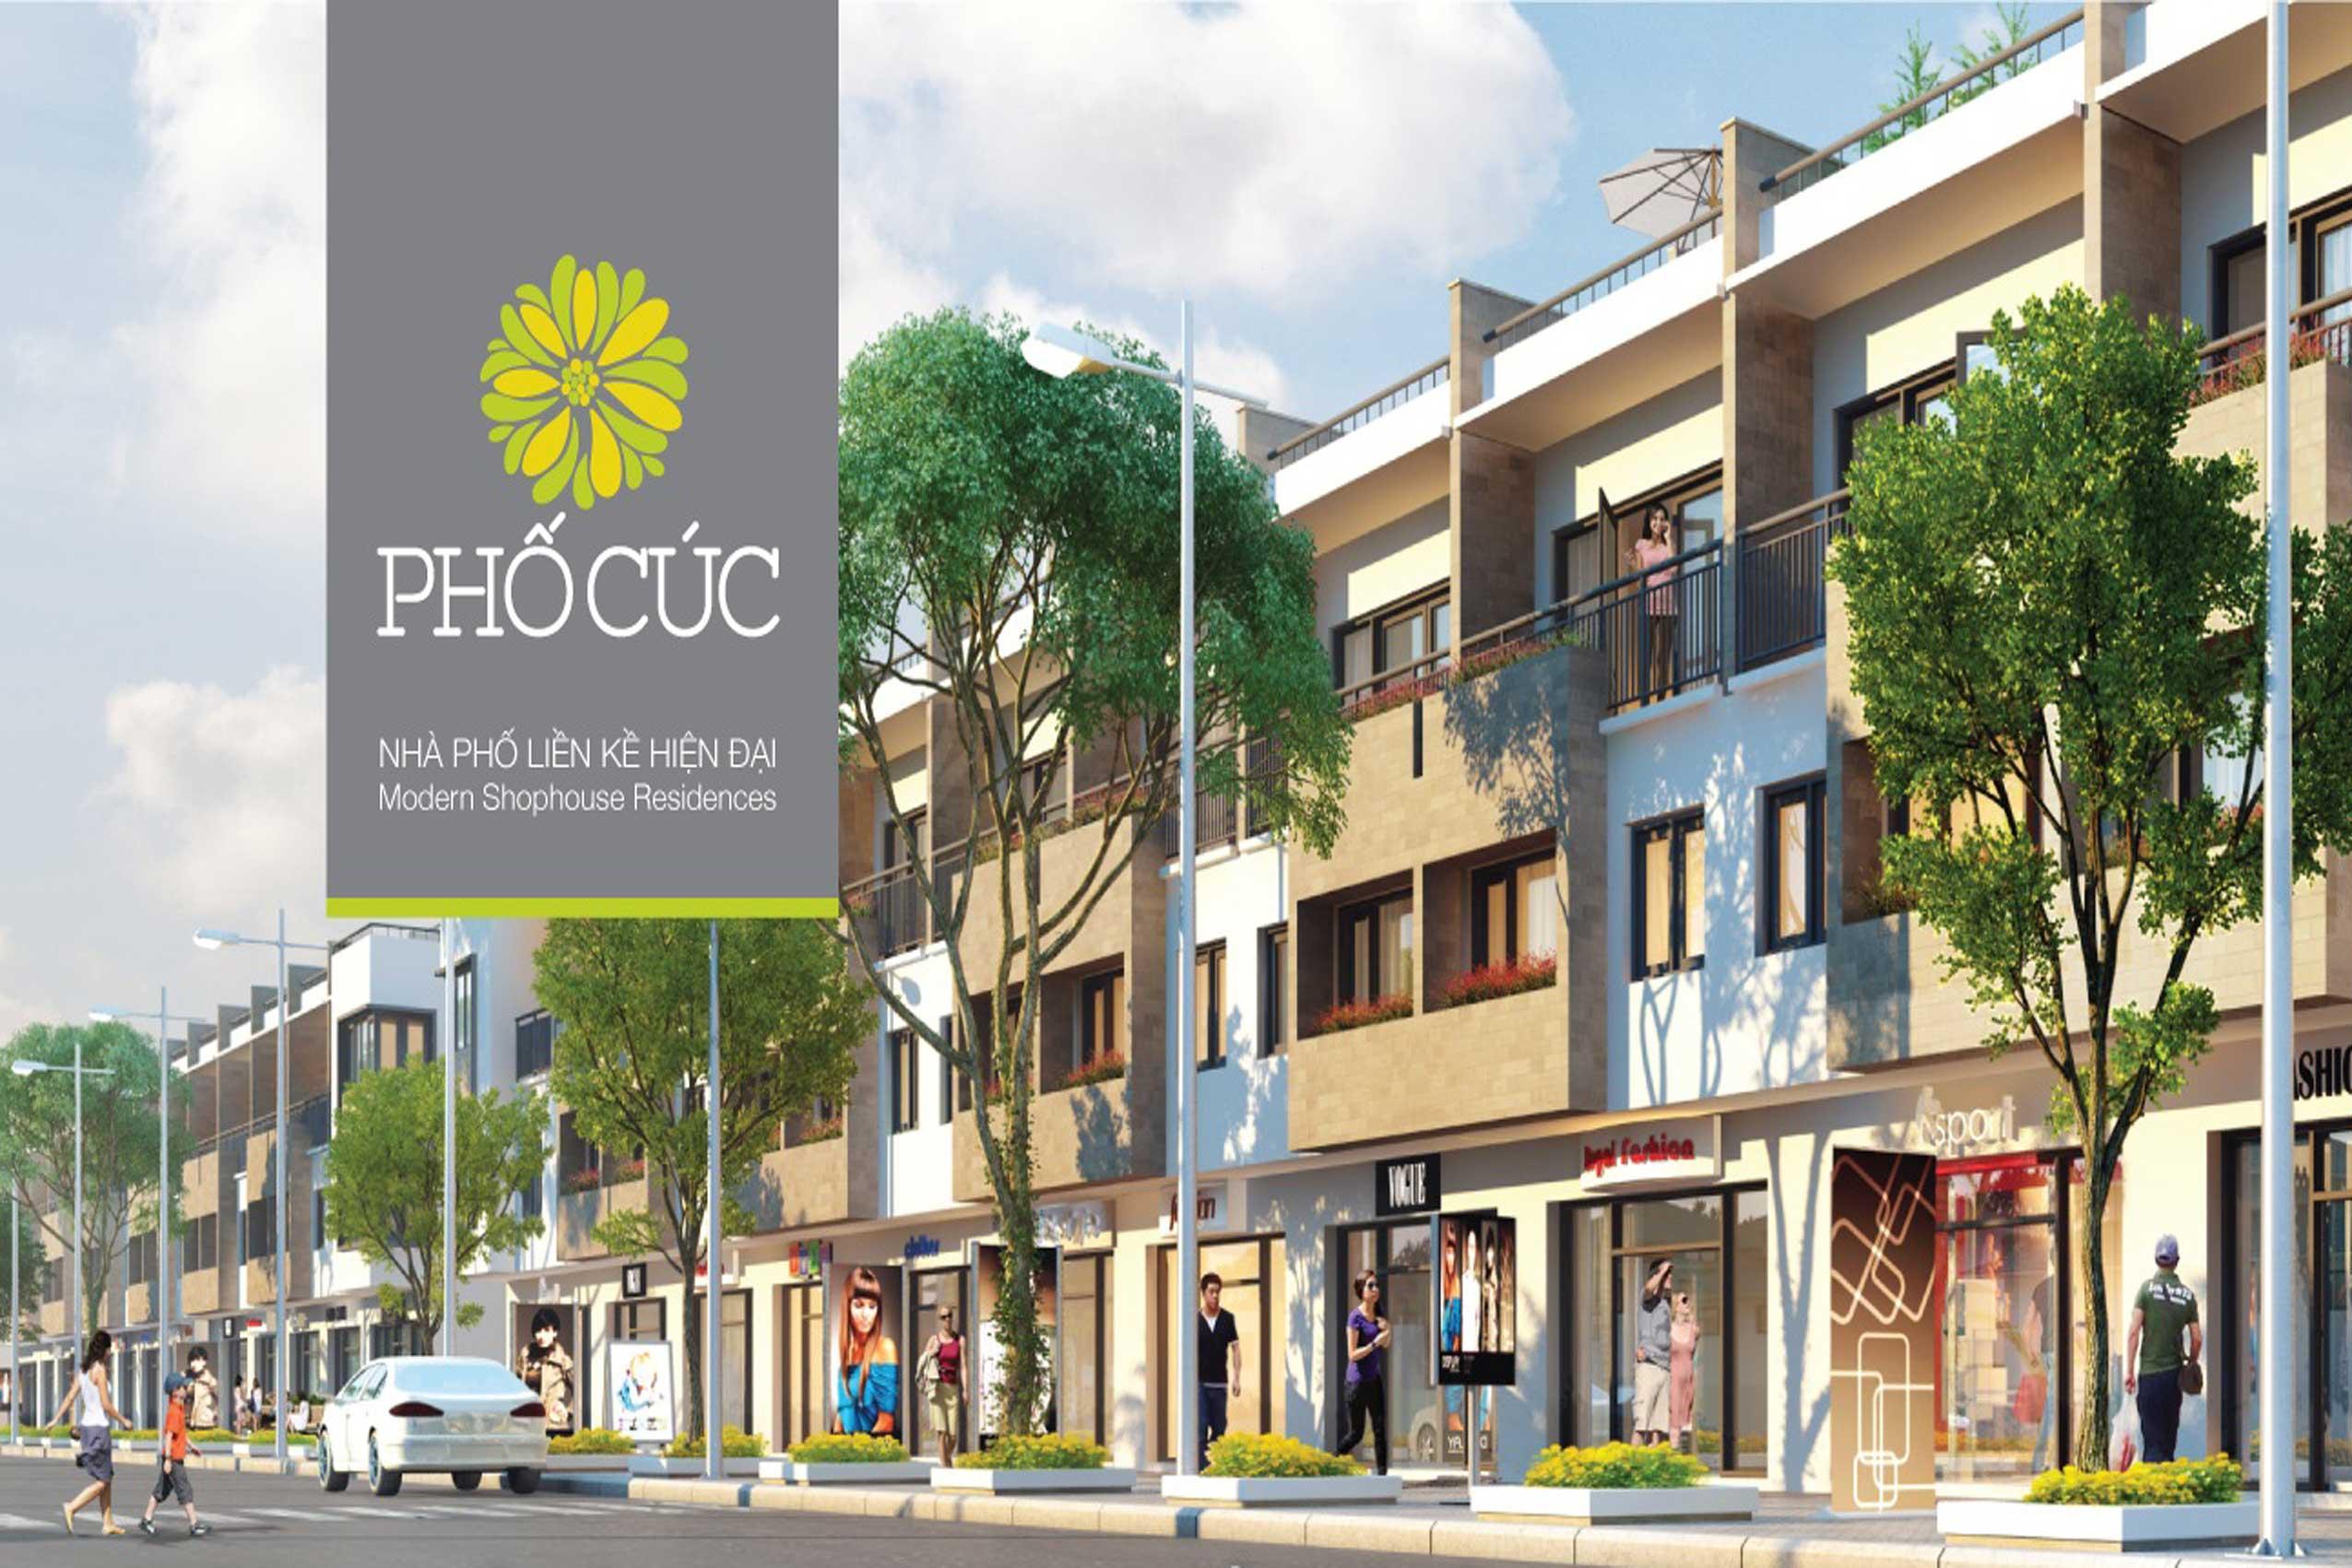 Nhà phố Cúc Ecopark